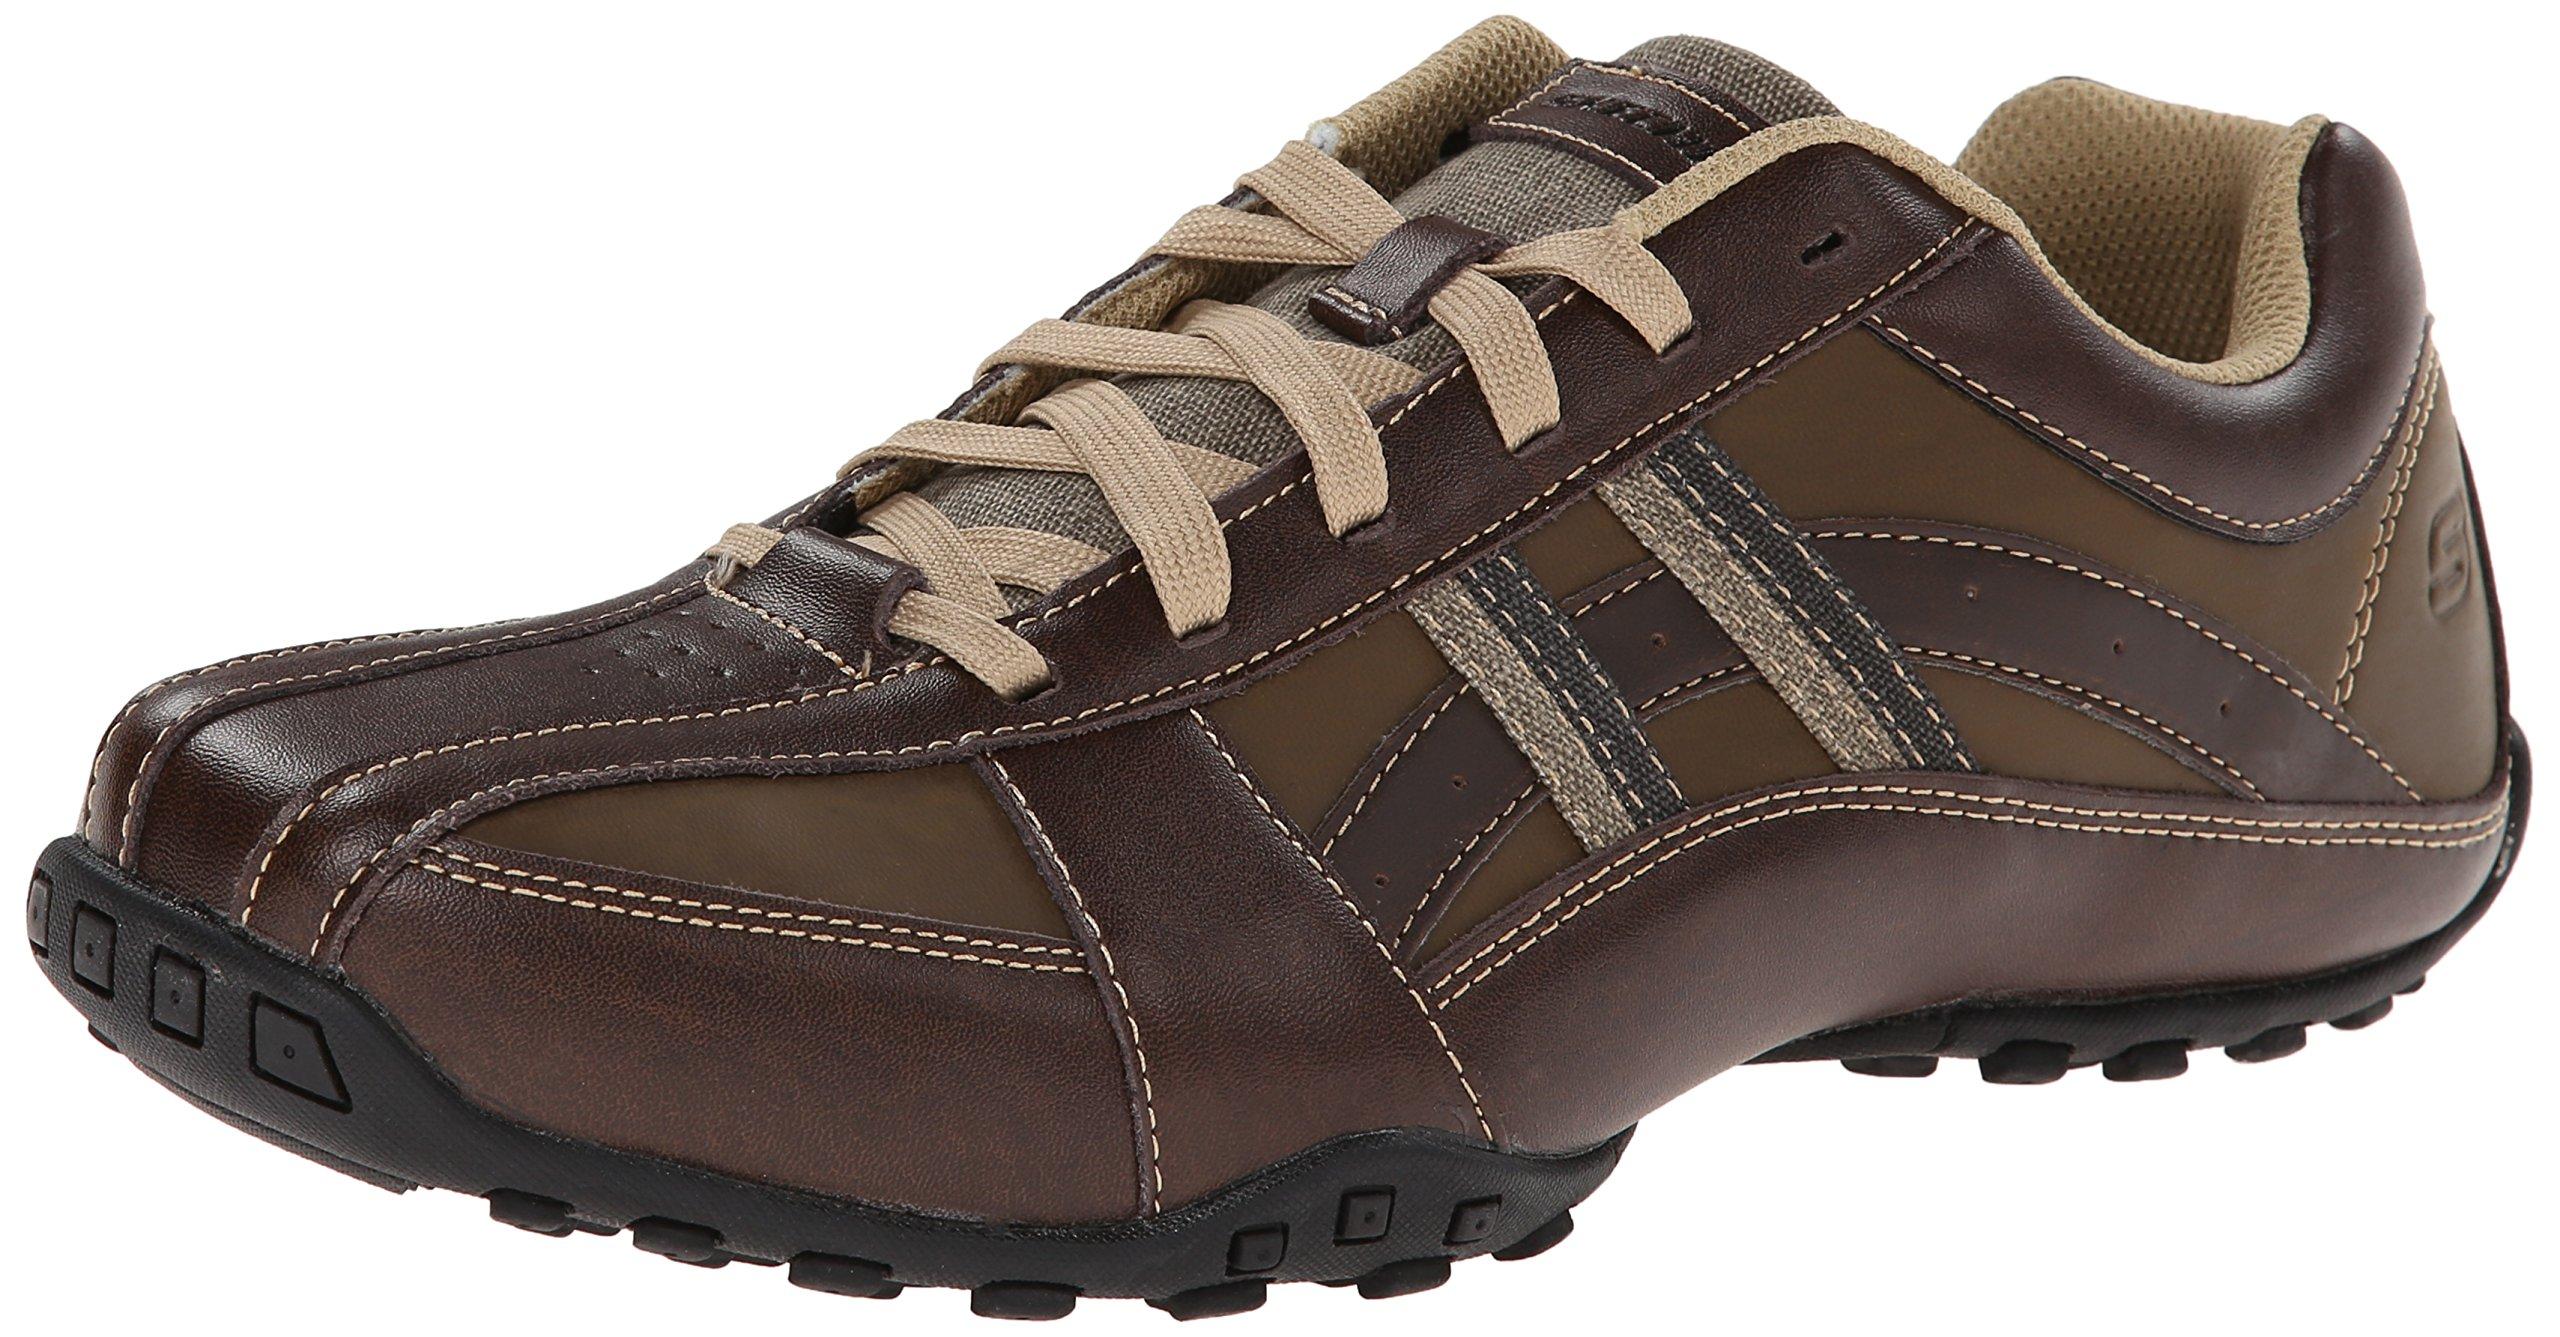 Skechers USA Men's Citywalk Malton Oxford Sneaker,Brown,7 M US